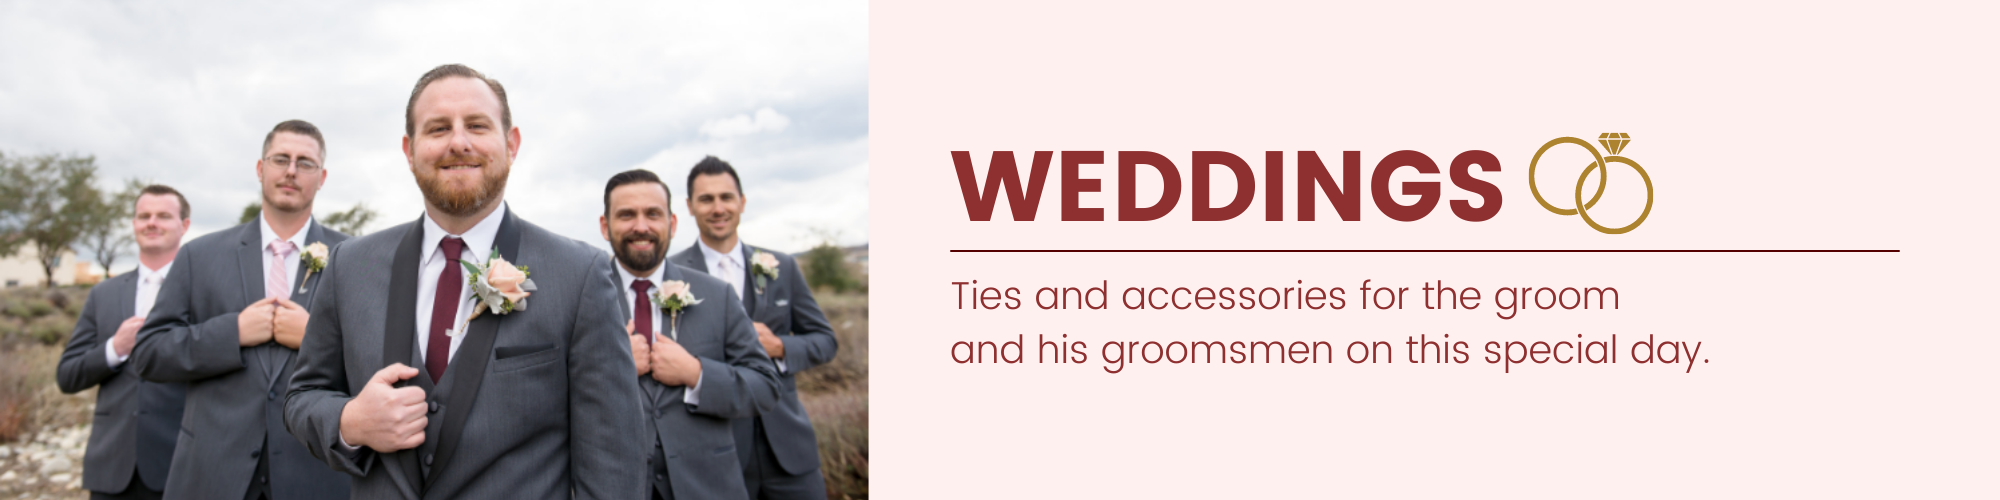 weddings-0001-copy-3.png